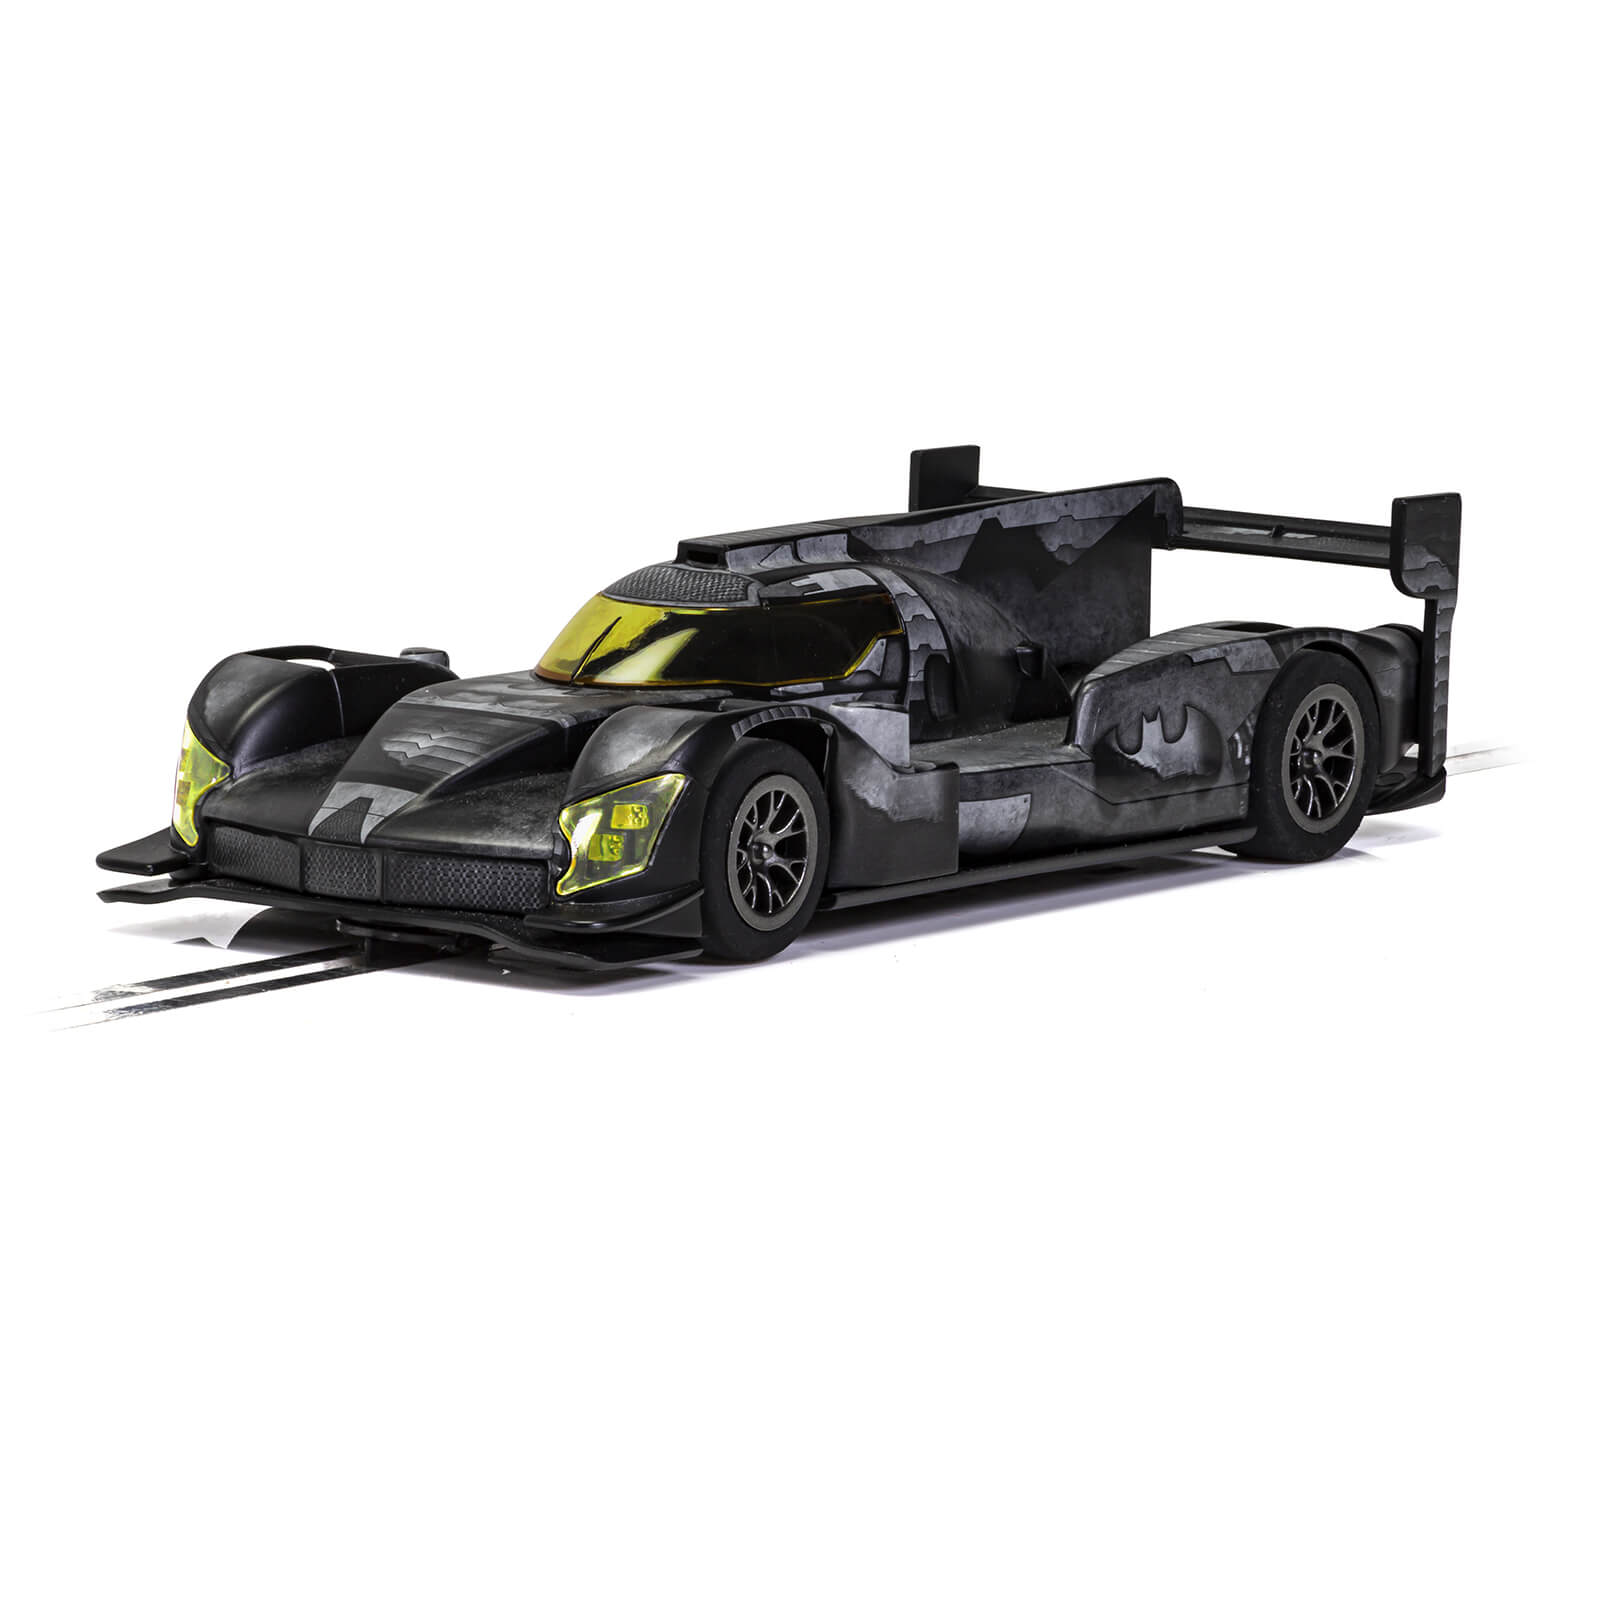 Scalextric Batman Car   Scale 1:32